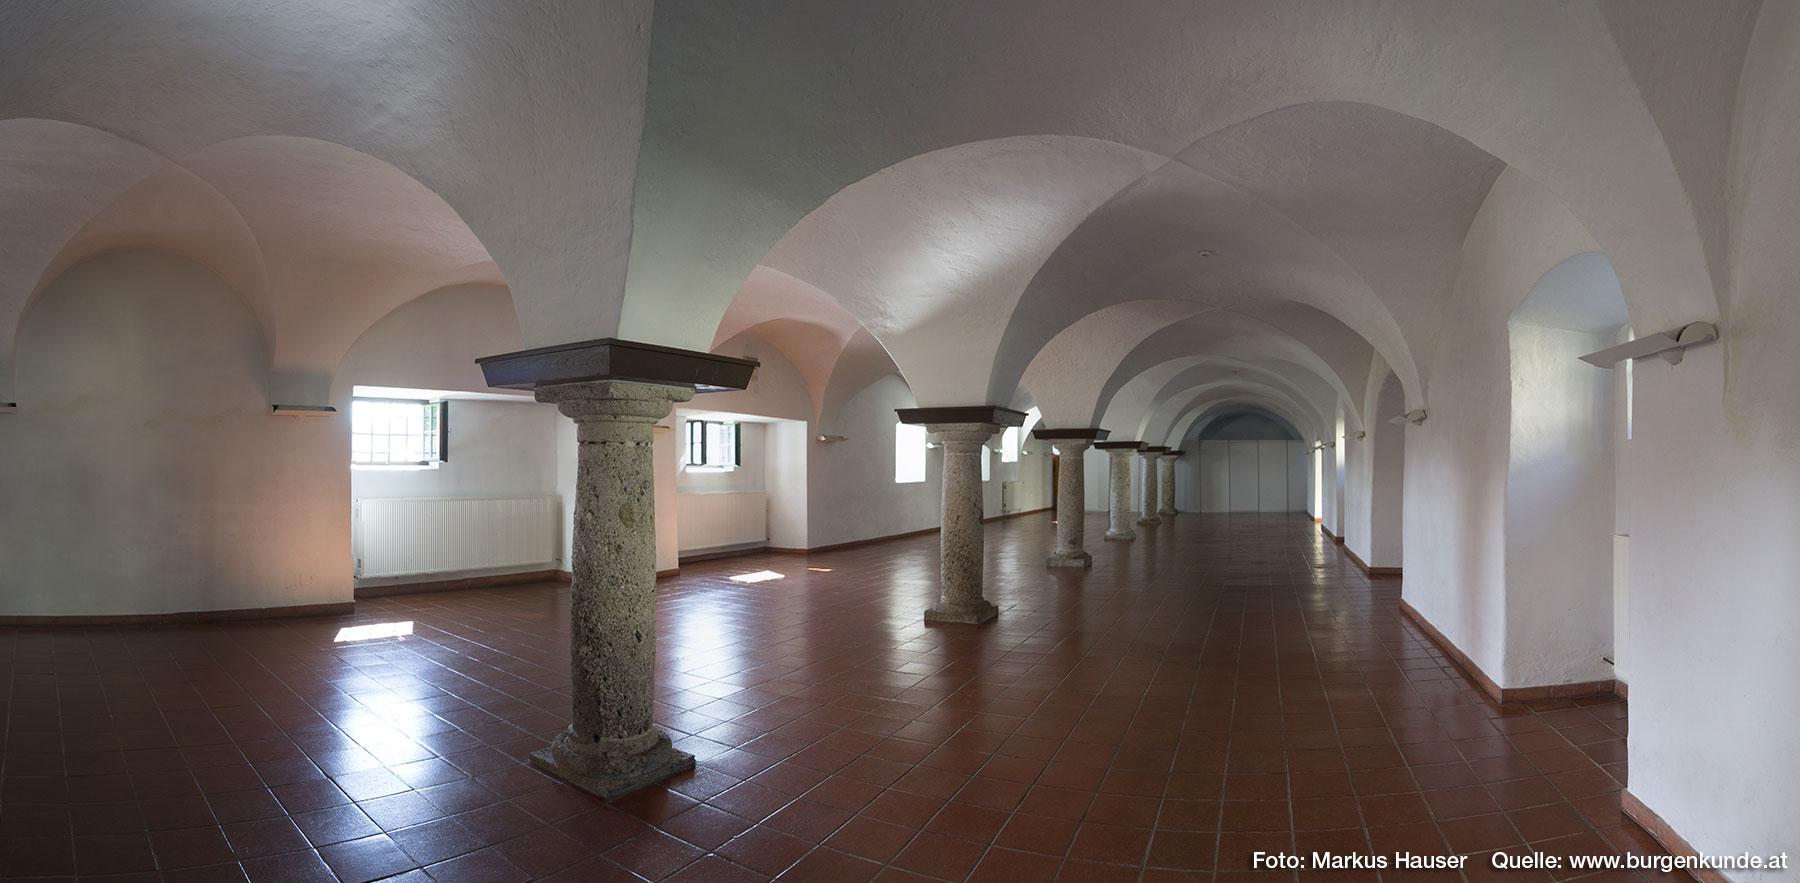 Im Schloss Kremsegg können Hochzeiten stattfinden, Geburtstage gefeiert oder Taufen sowie Events der besonderen Art zelebriert werden. Hier ist die im Tortrakt ebenerdig untergebrachte Gewölbehalle zu sehen.